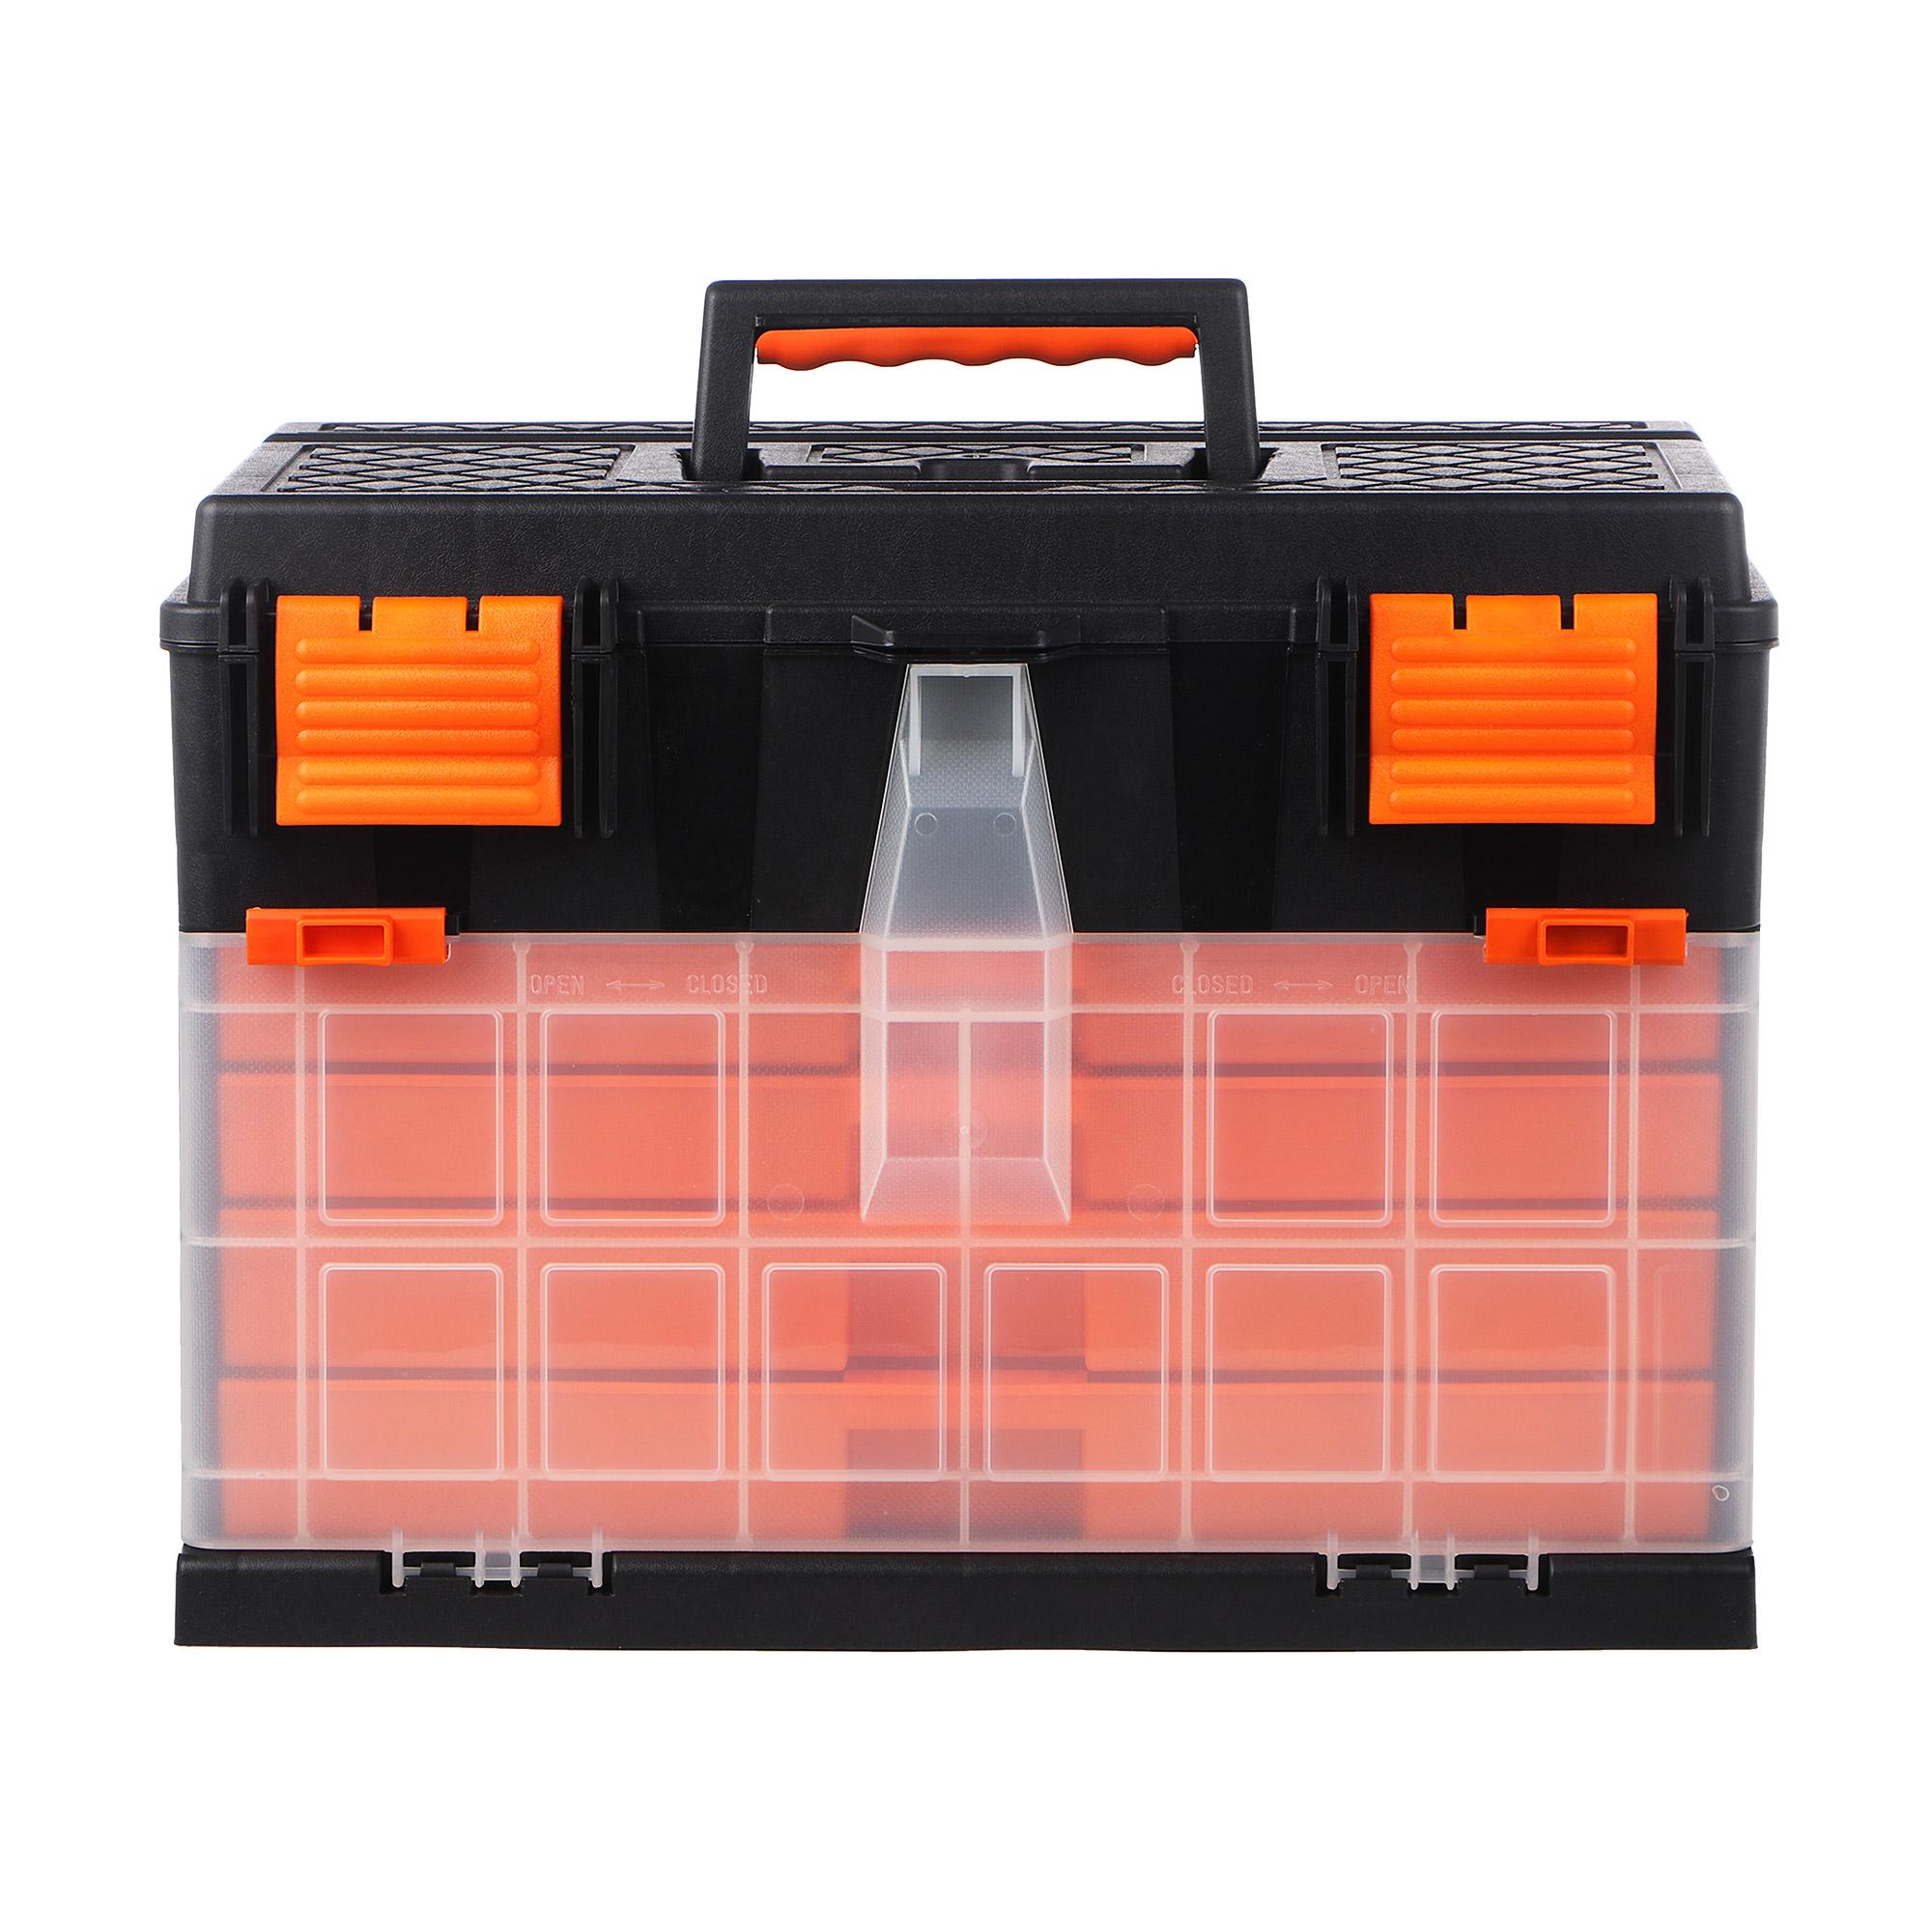 Ящик для инструментов Koopman 45x26x32cm ящик для инструментов matrix 28 4х16х78см 906055